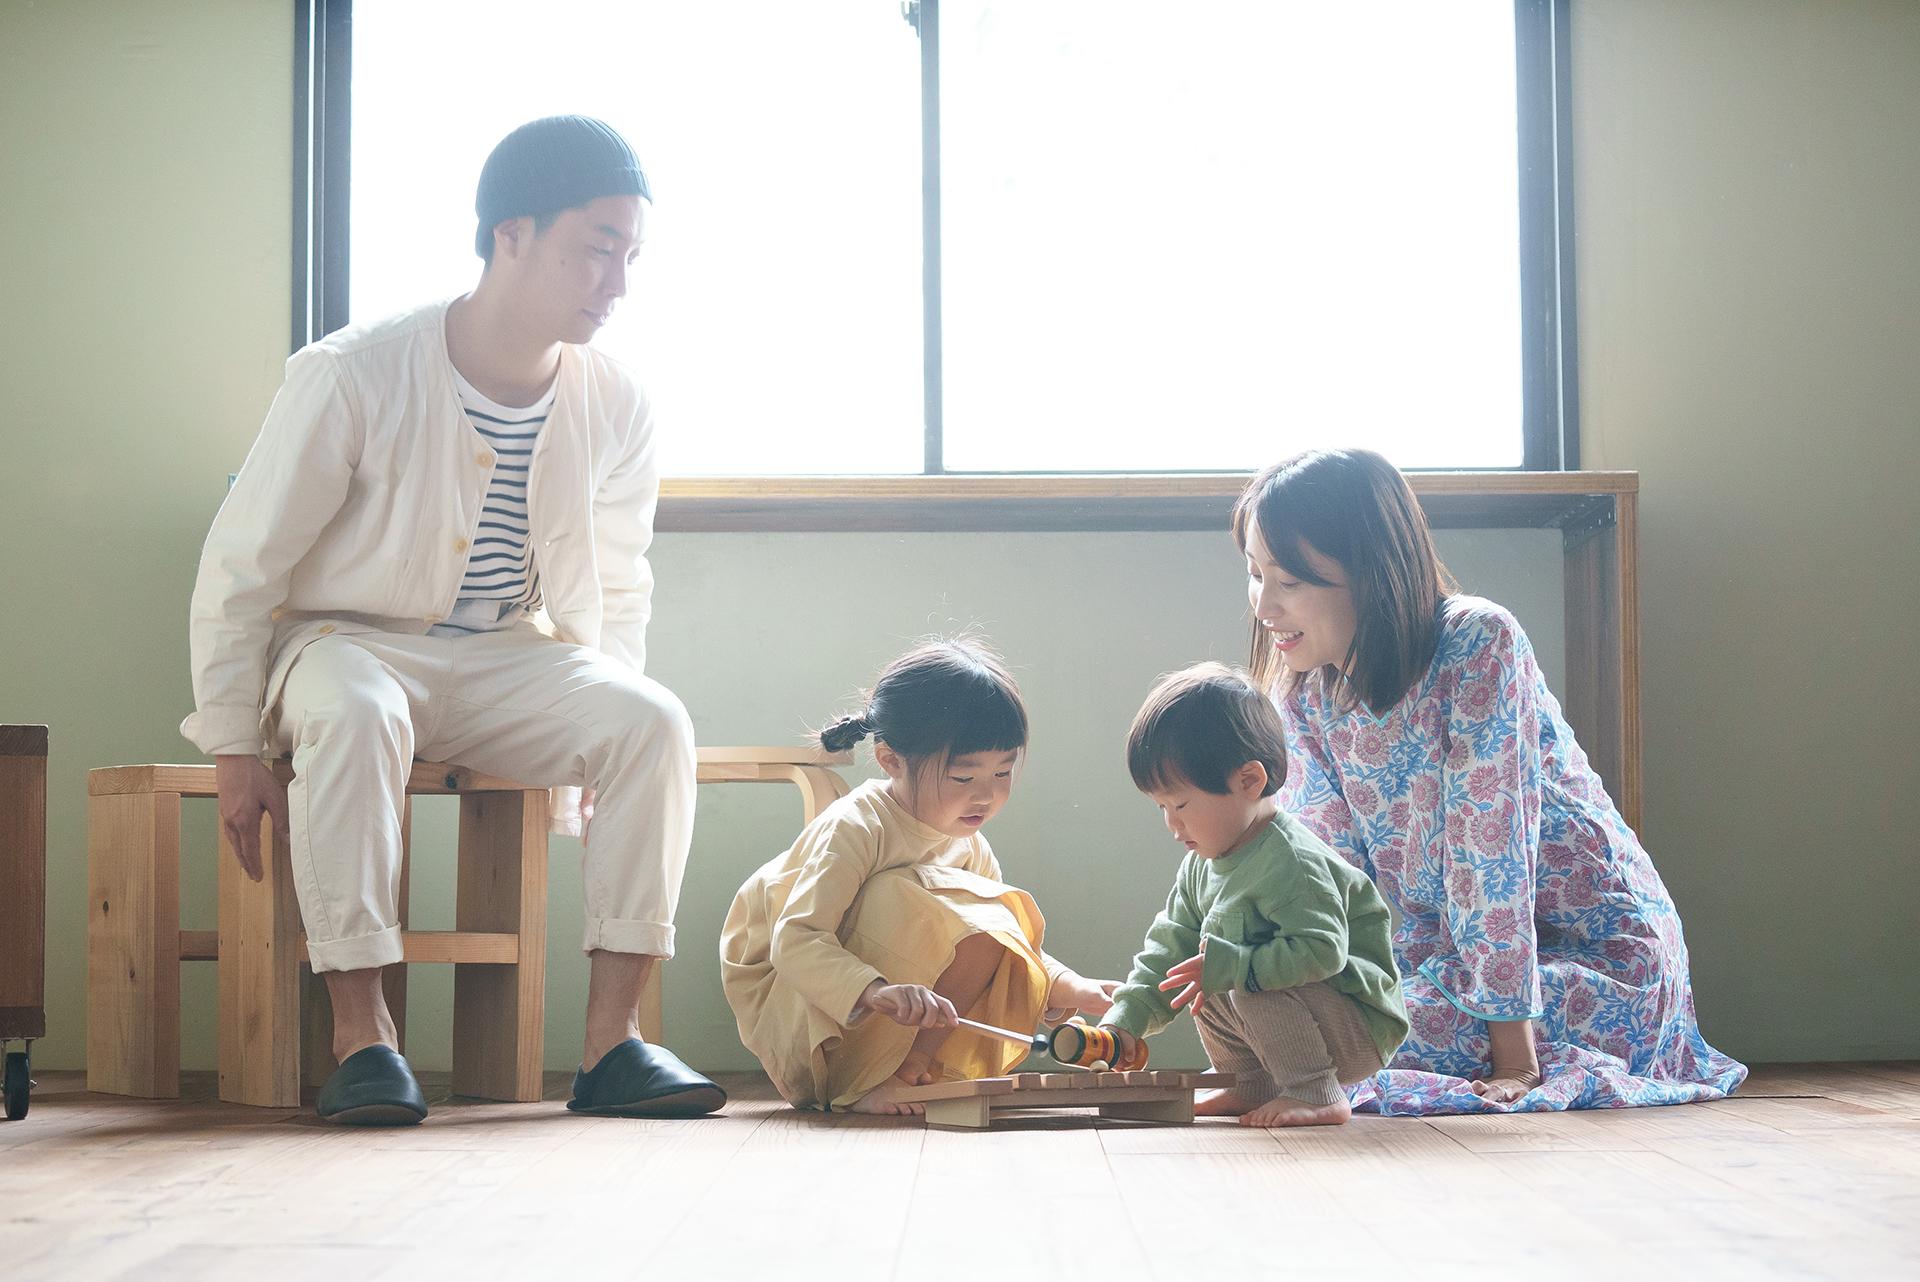 広島のフォトスタジオ「記念写真館SUNNY」の家族写真